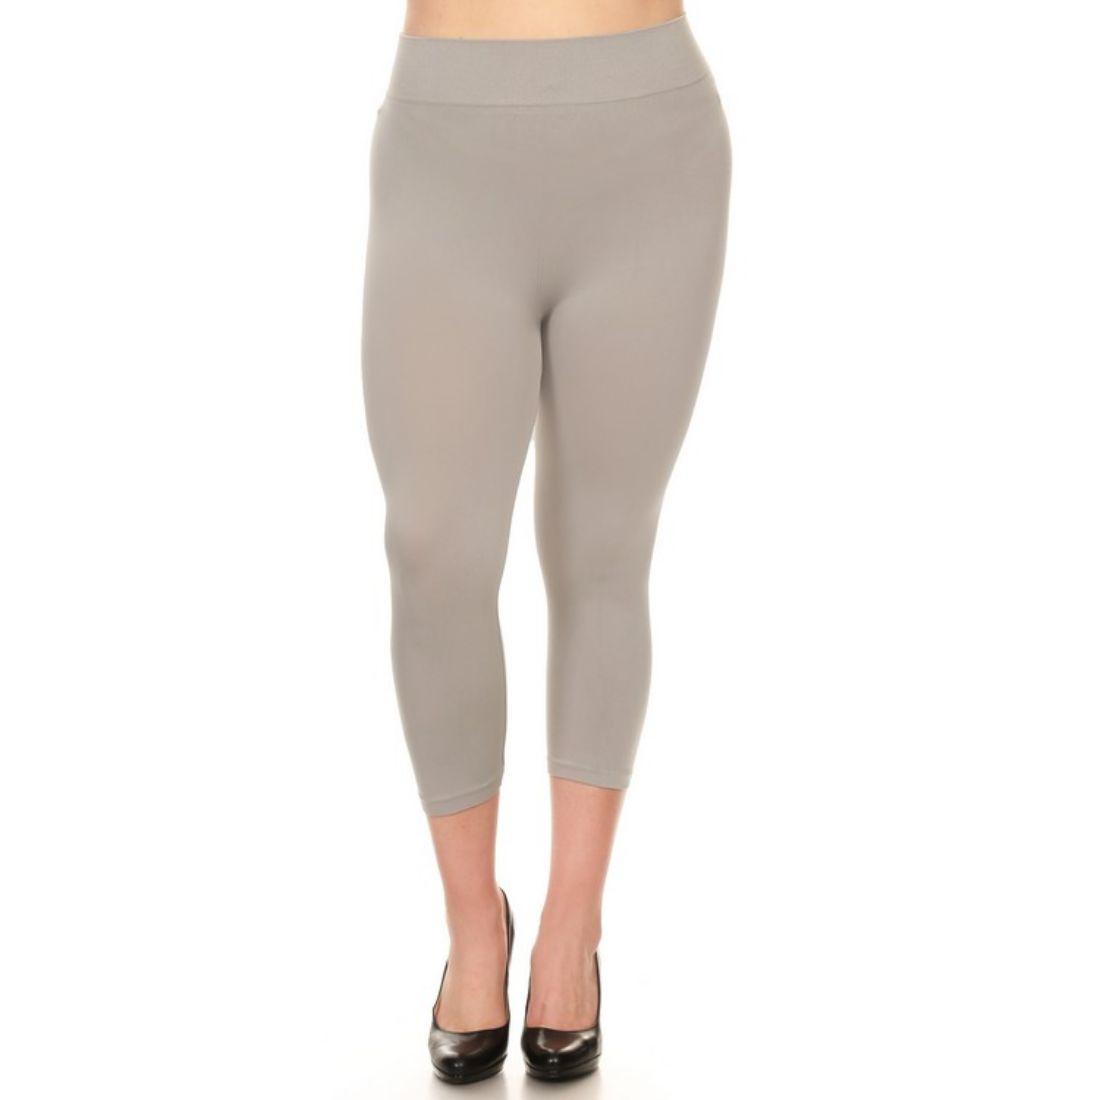 miniature 36 - Femmes Grande Taille Capri Leggings Court Stretch Pantalon Basique Solide Pour